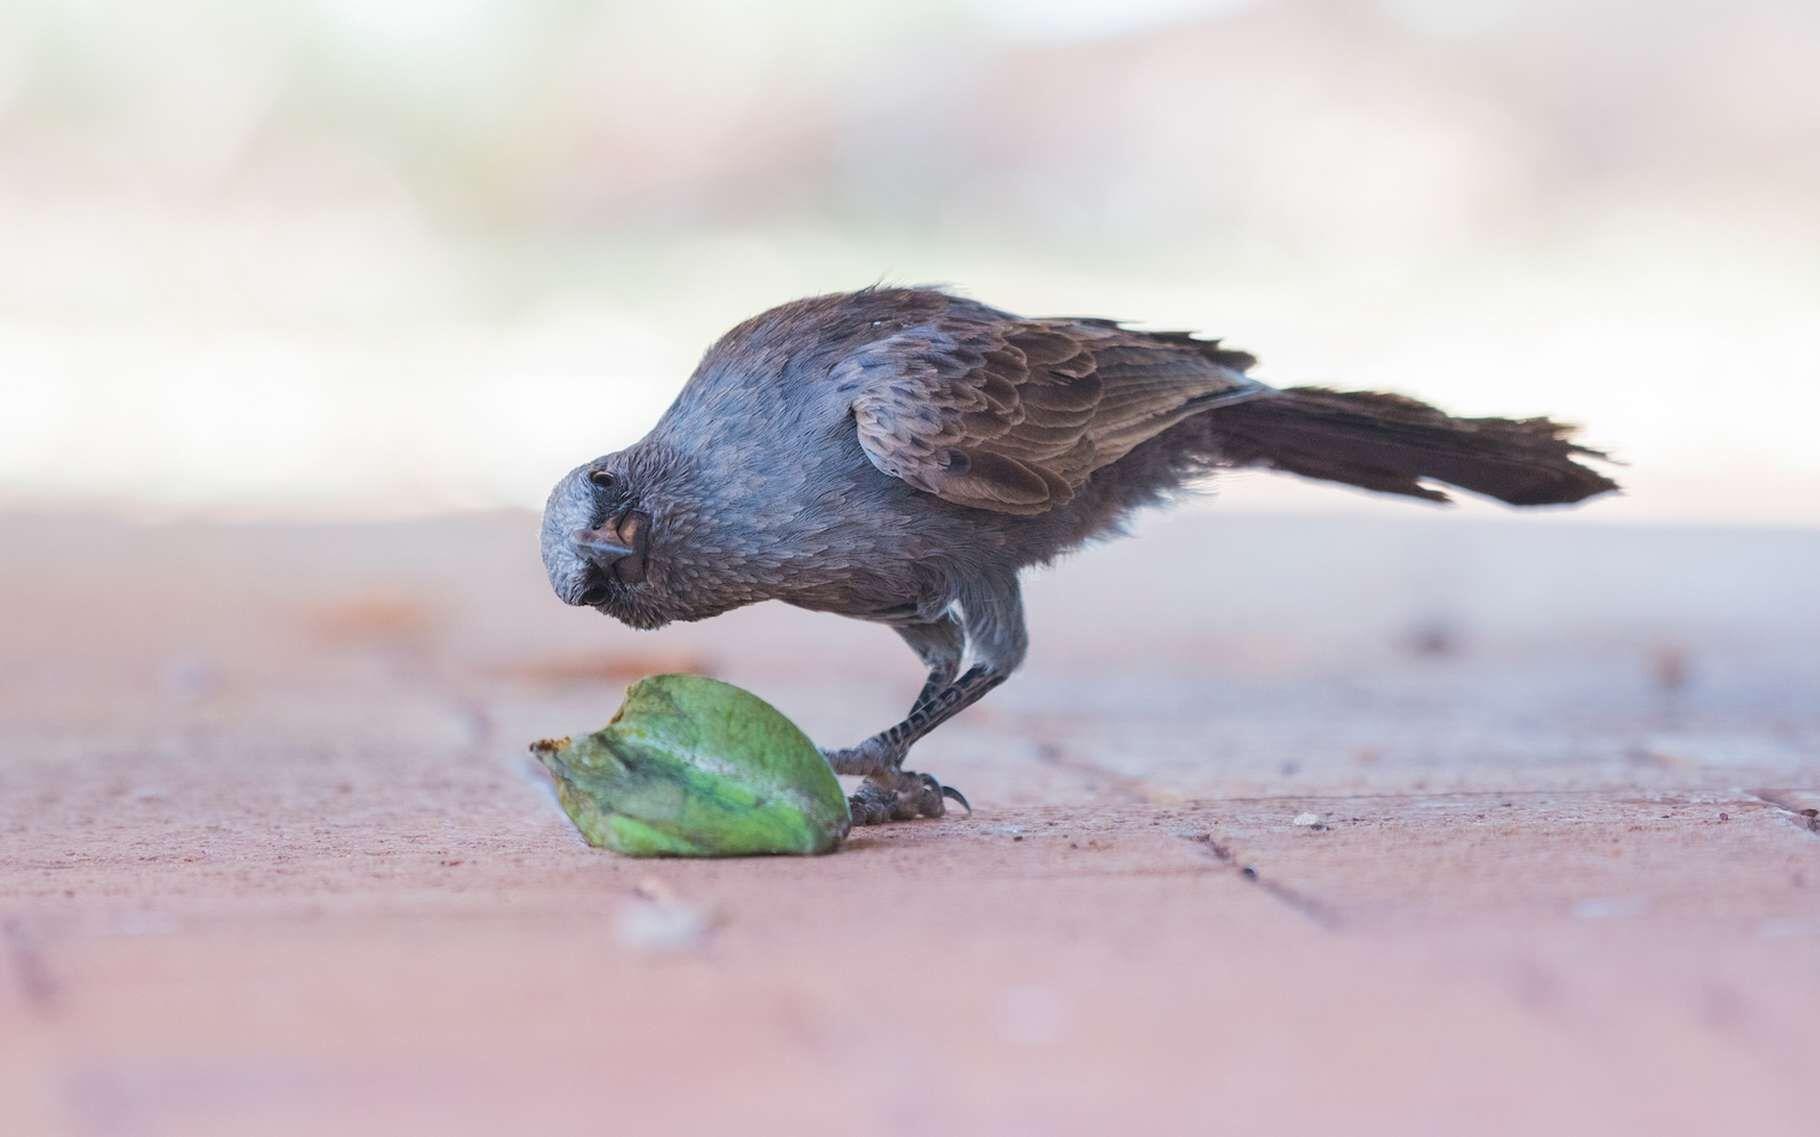 Les fourmis sont aussi reconnues pour leurs capacités cognitives.